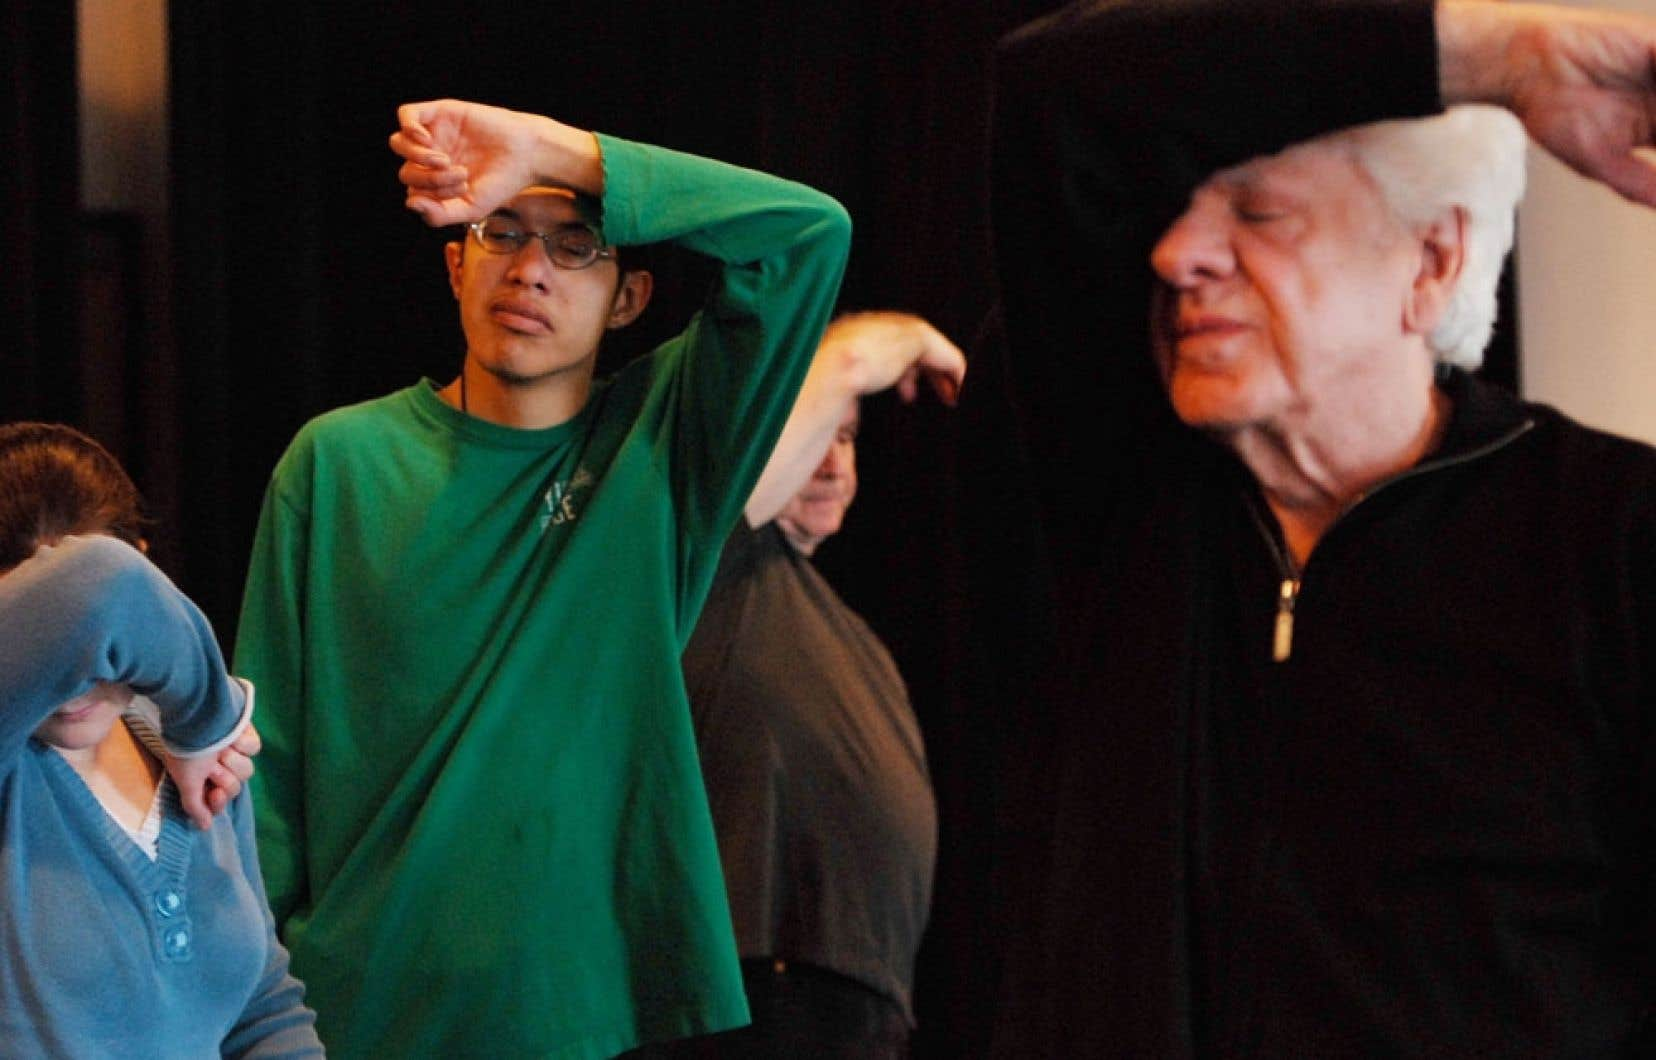 L'atelier est mené dans un esprit de médiation à double sens: sensibiliser les handicapés visuels à la danse et sensibiliser les jeunes à la réalité du non-voyant.